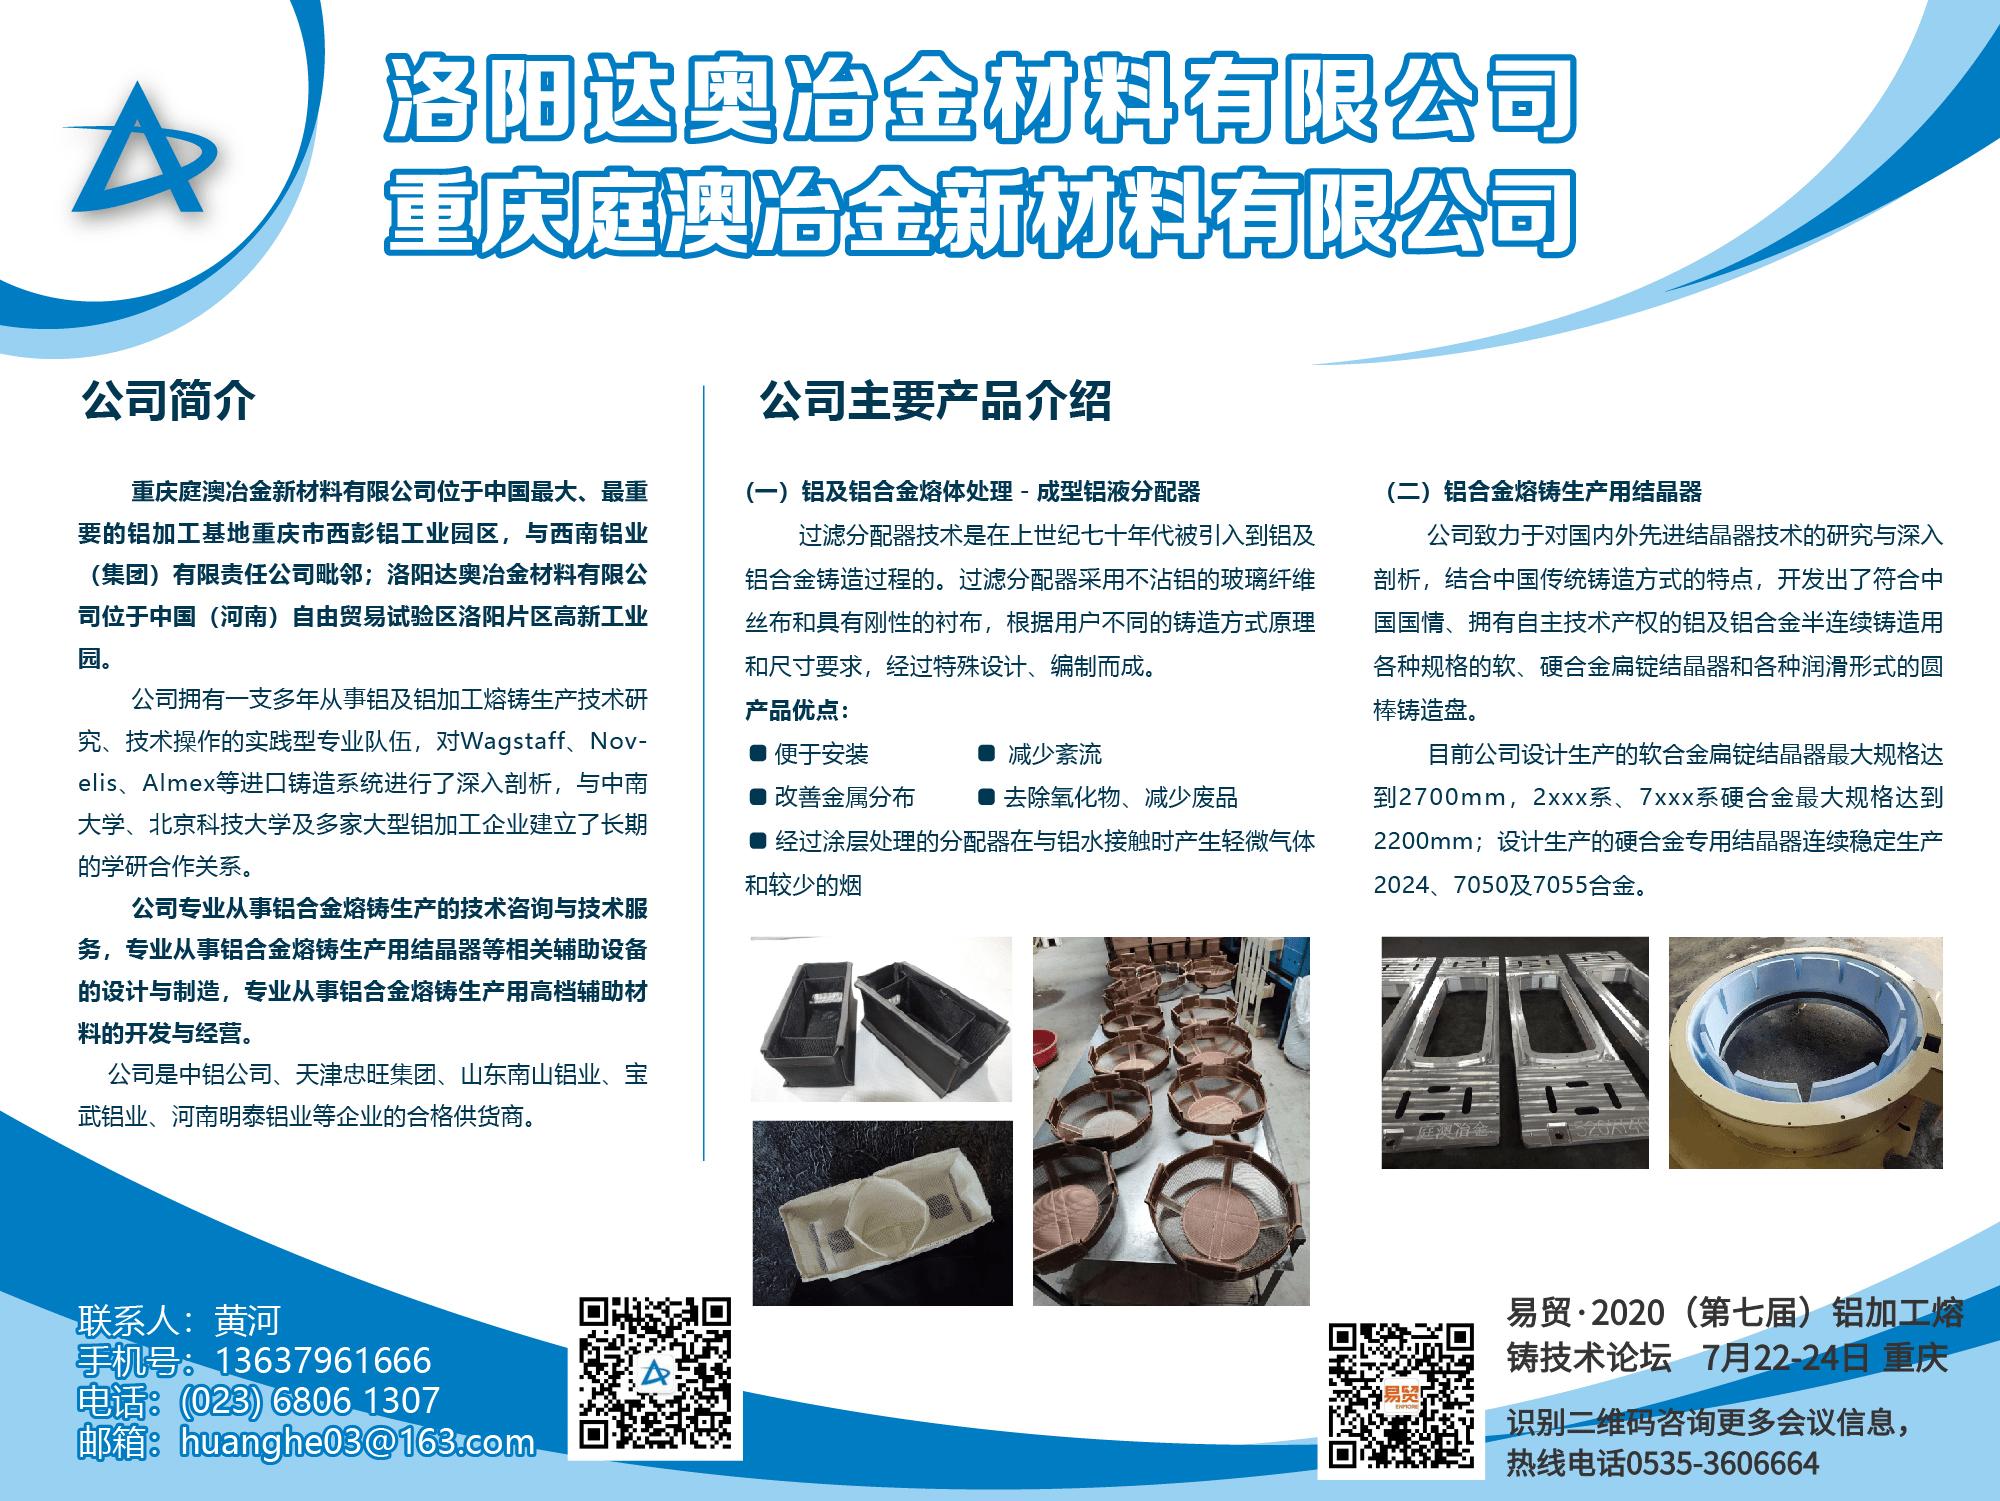 易貿.重慶2020(第七屆)鋁加工熔鑄技術論壇7.22-24